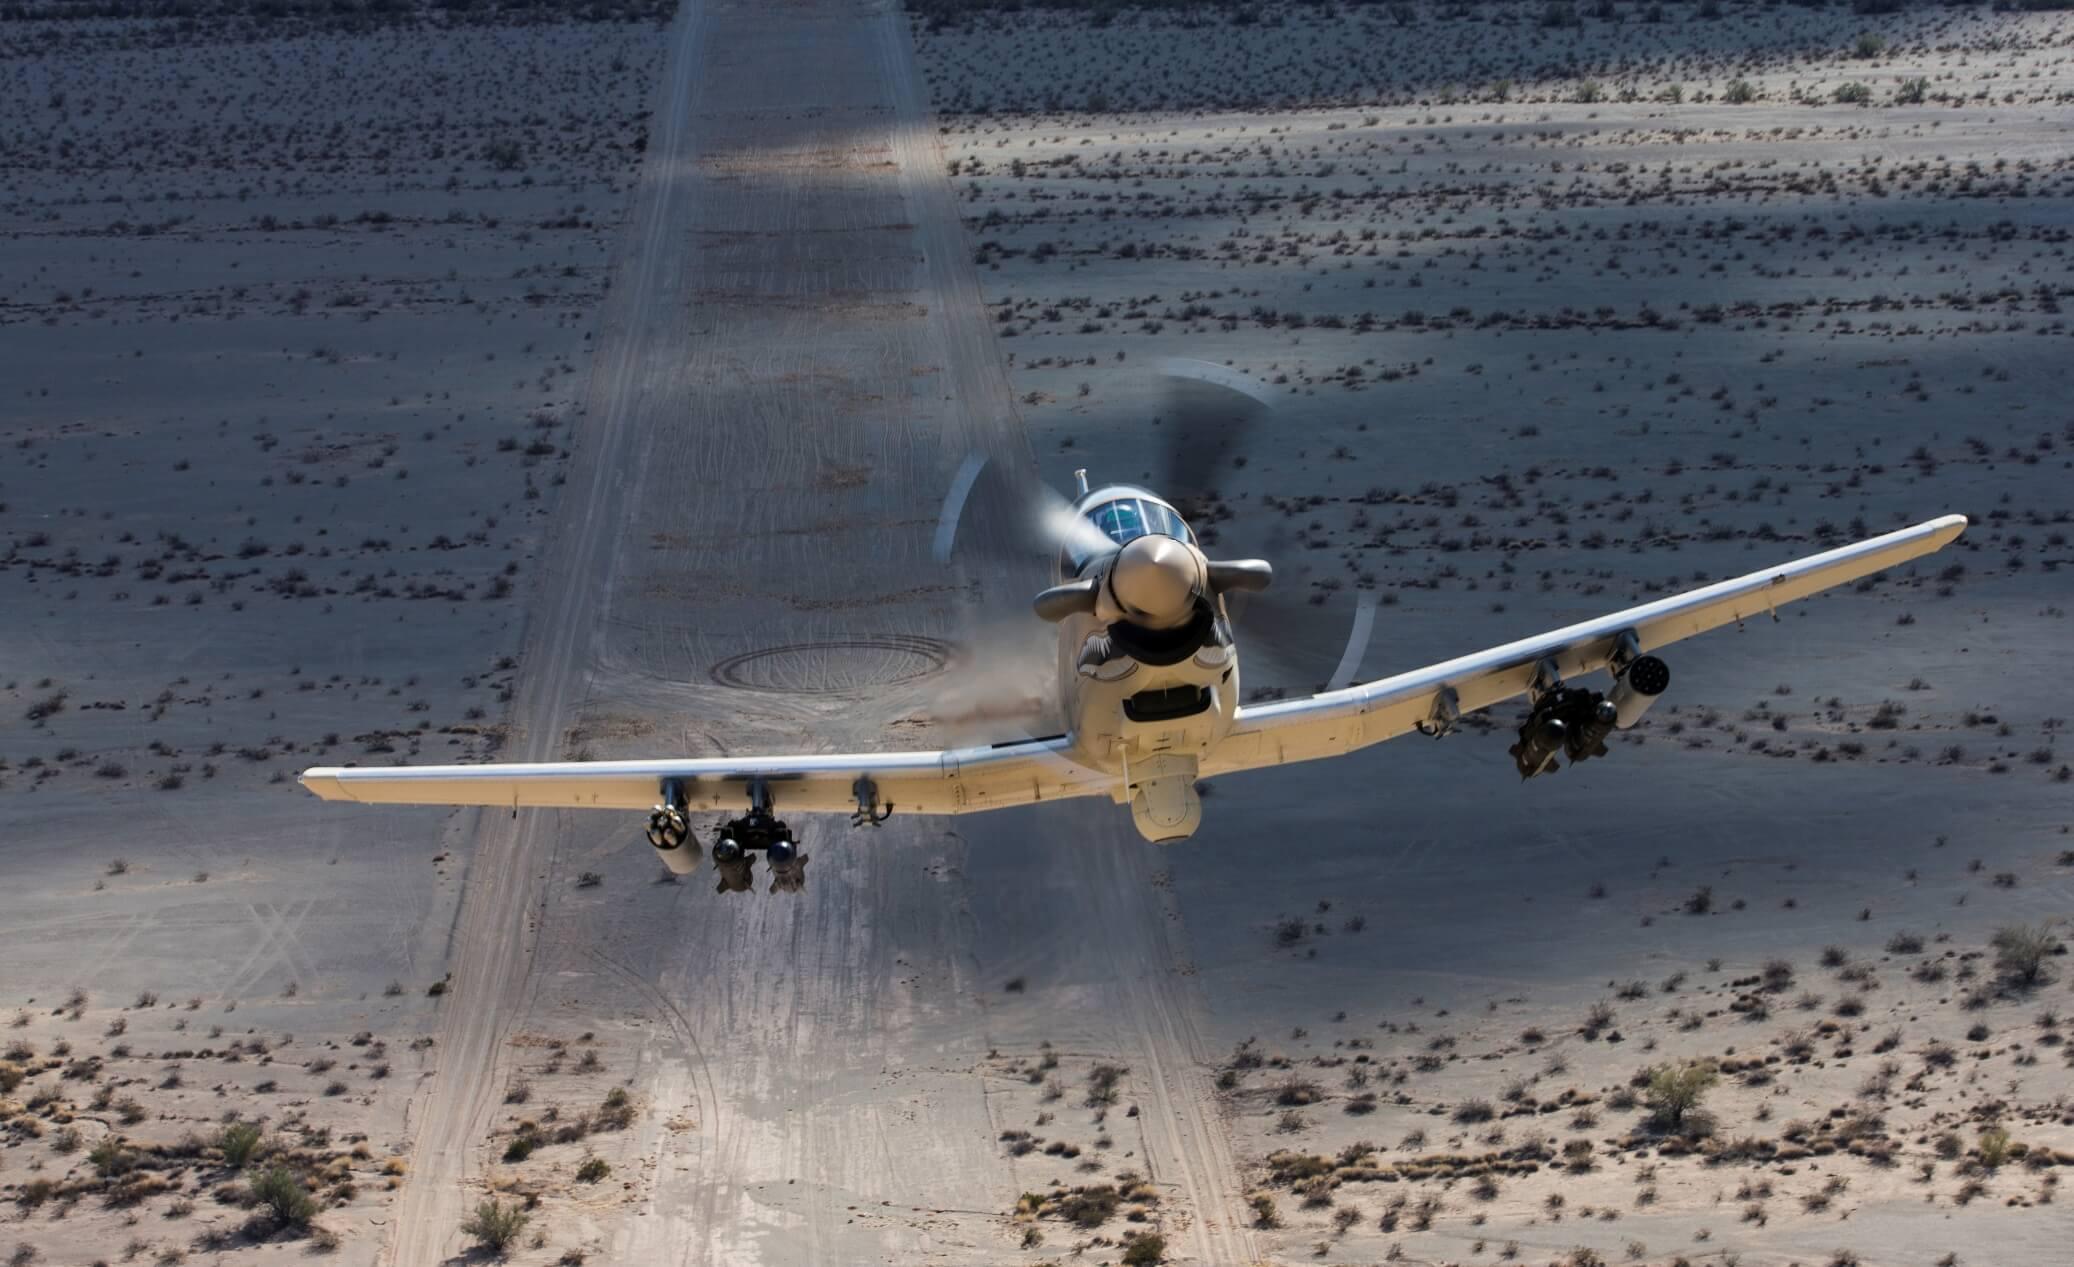 Лесни борбени авиони - Пропелери - Page 2 At-6_newsroom_6